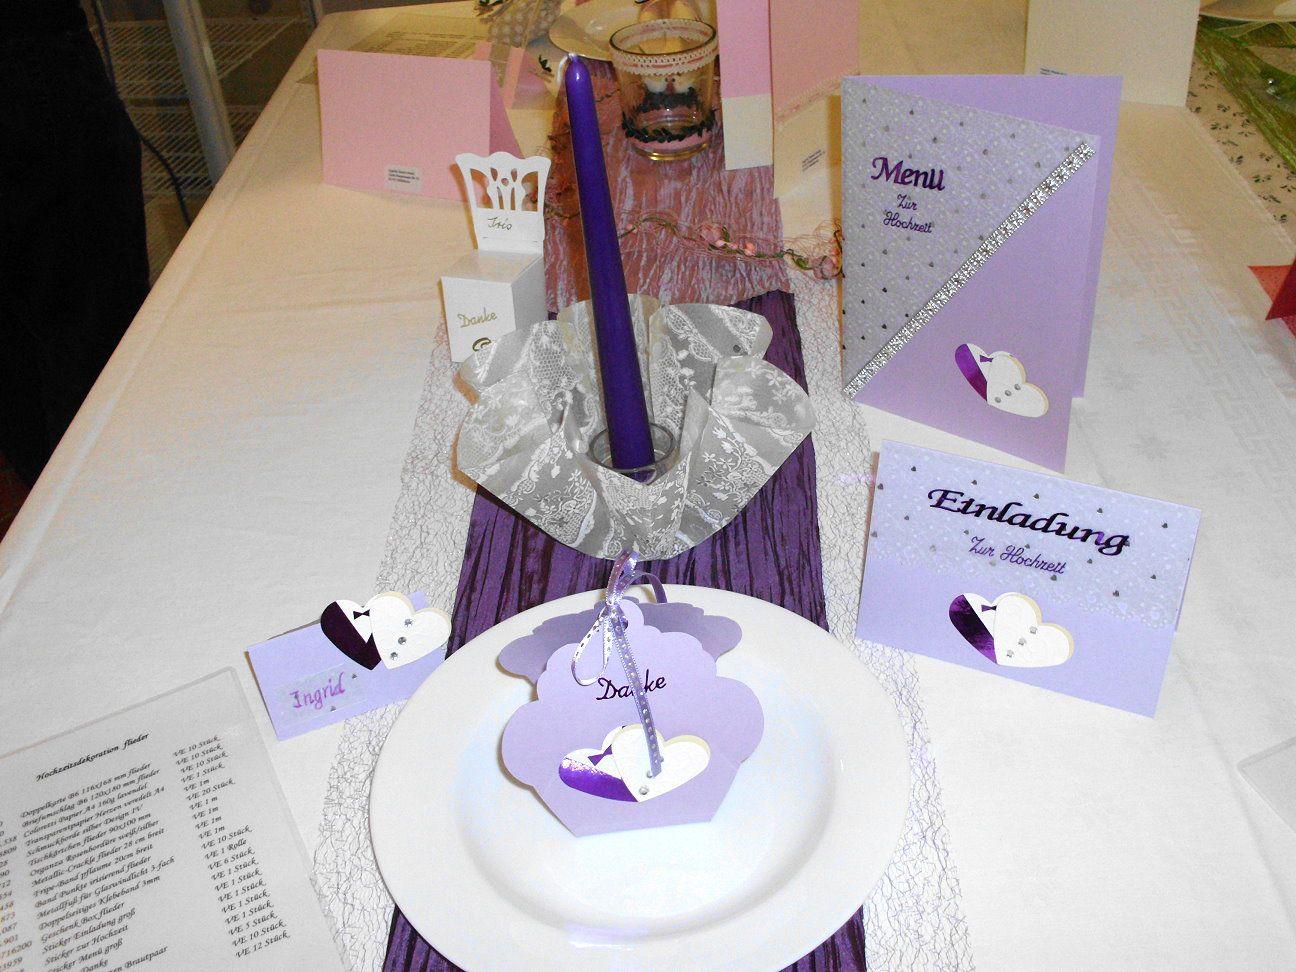 Tischdekoration in flieder für die Hochzeit, Silber- und Goldhochzeit